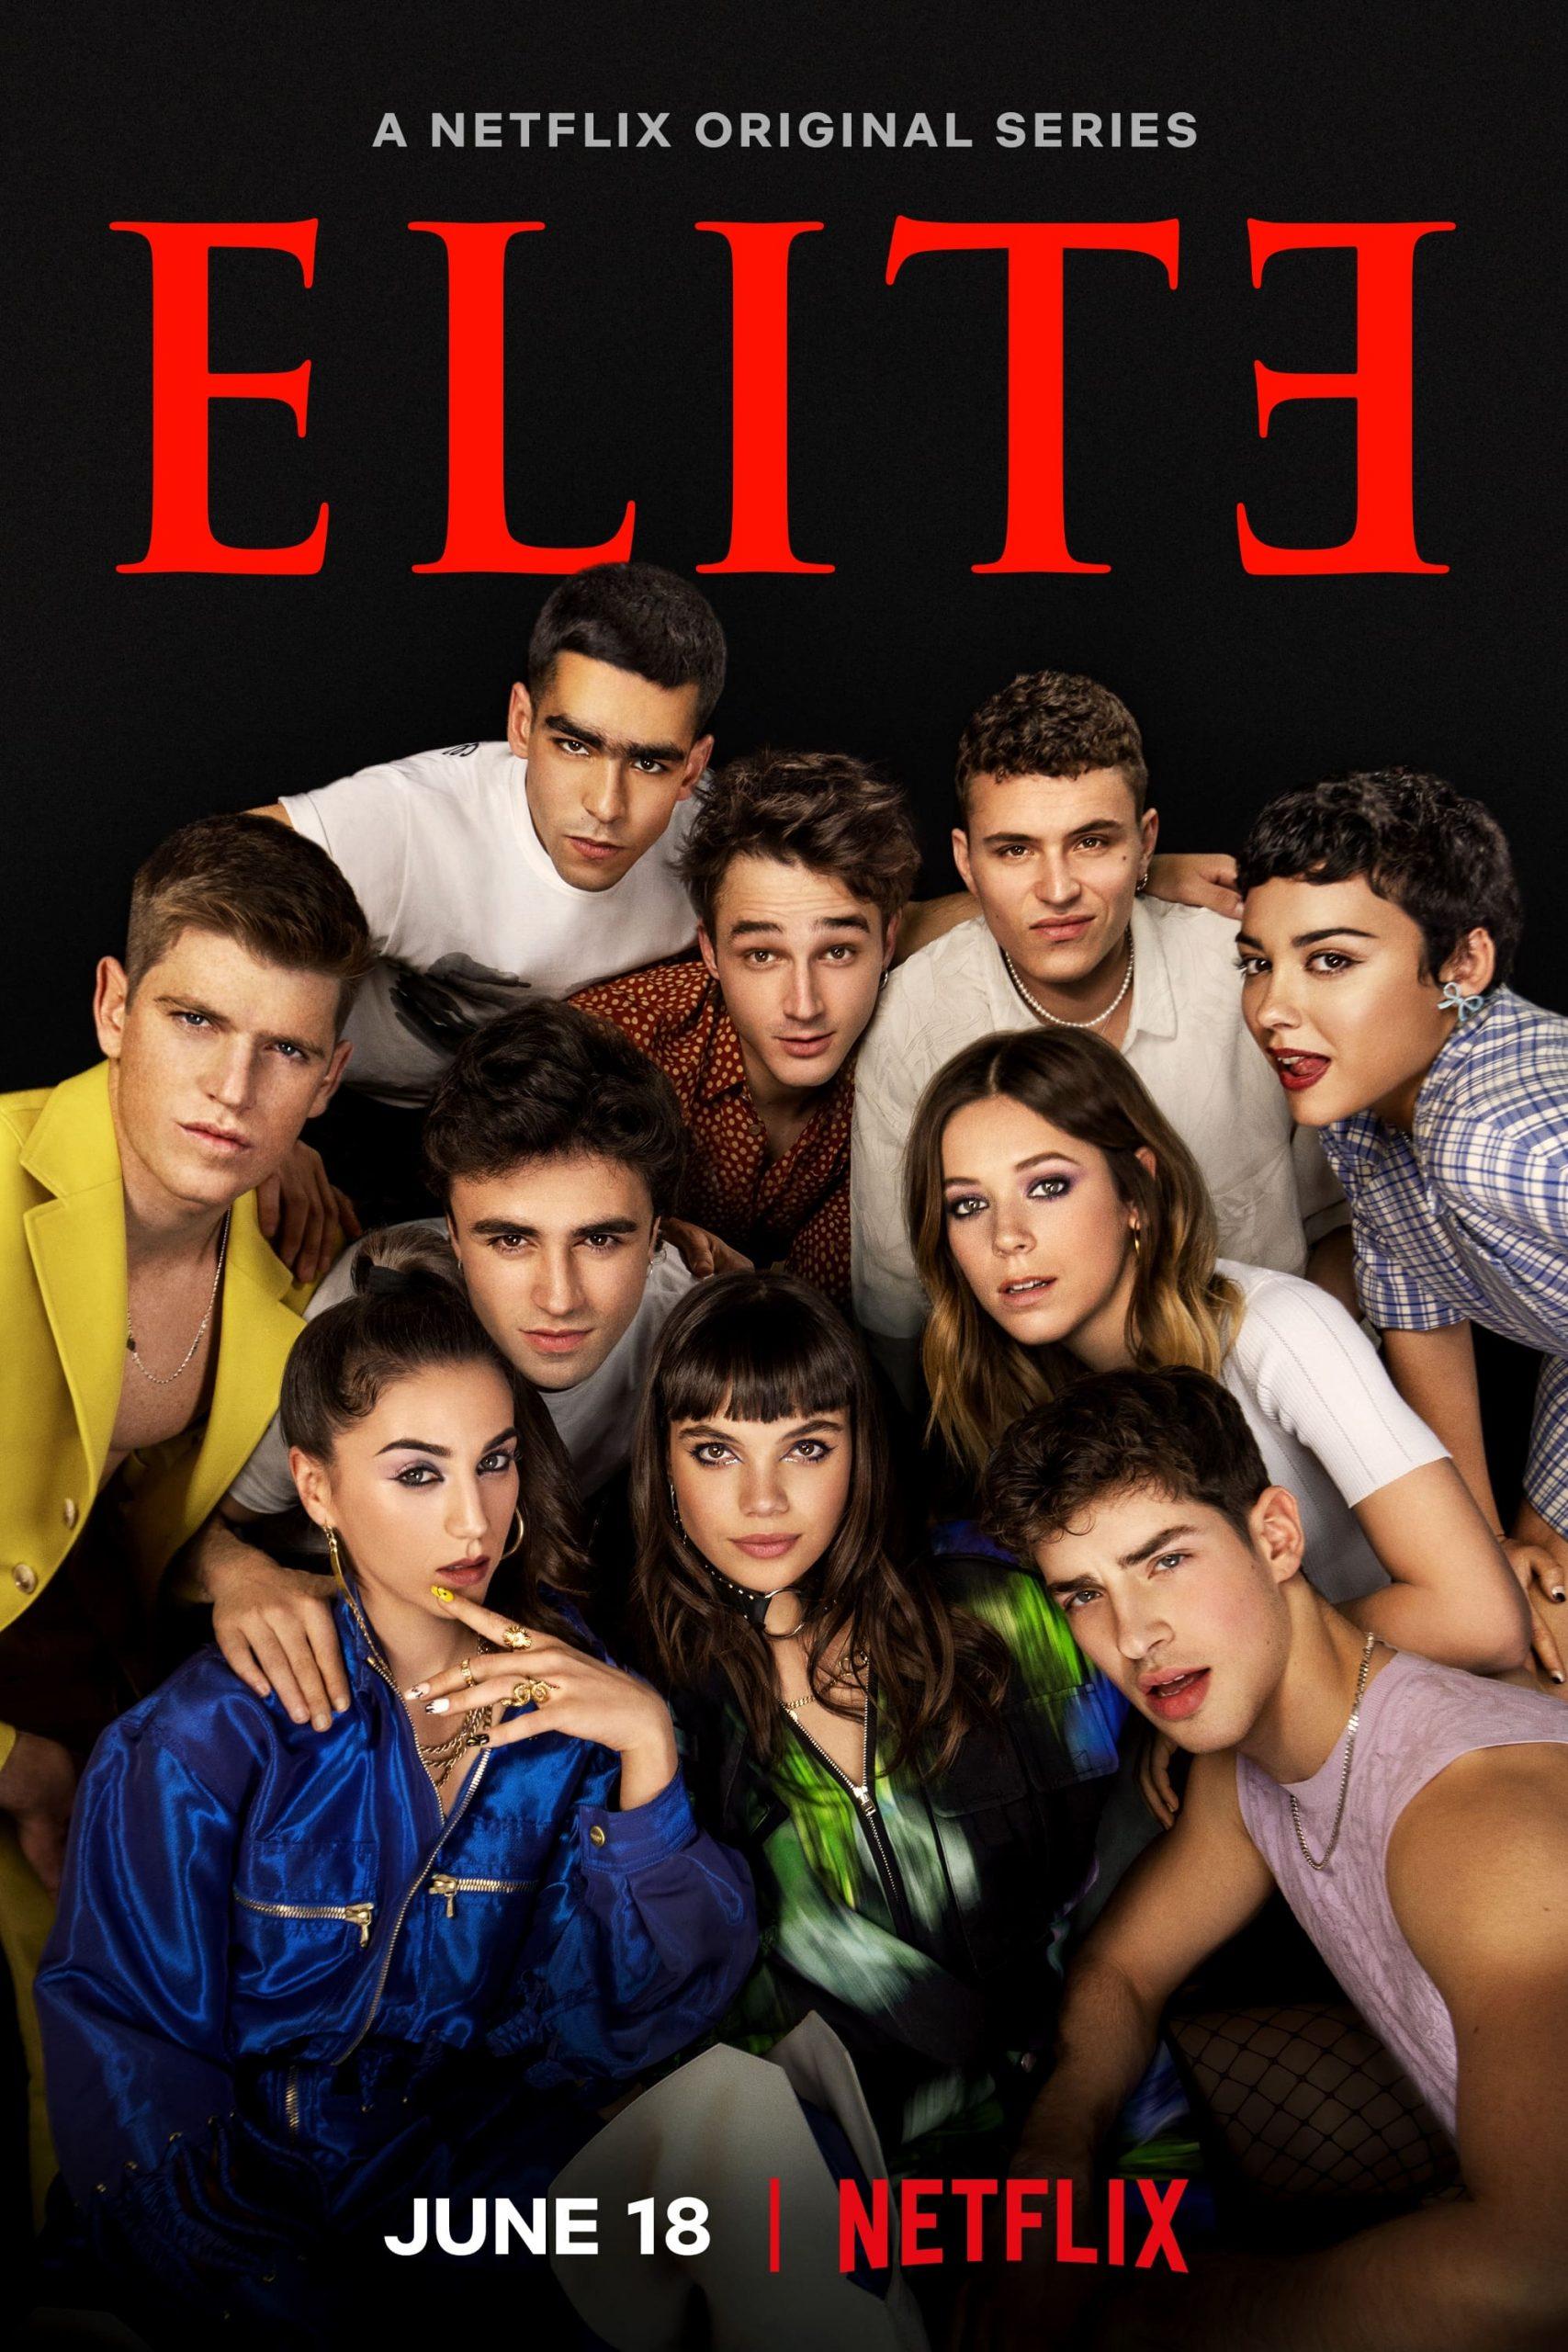 Elite เล่ห์ร้ายเกมไฮโซ Season 4 ซับไทย ตอนที่ 1-8